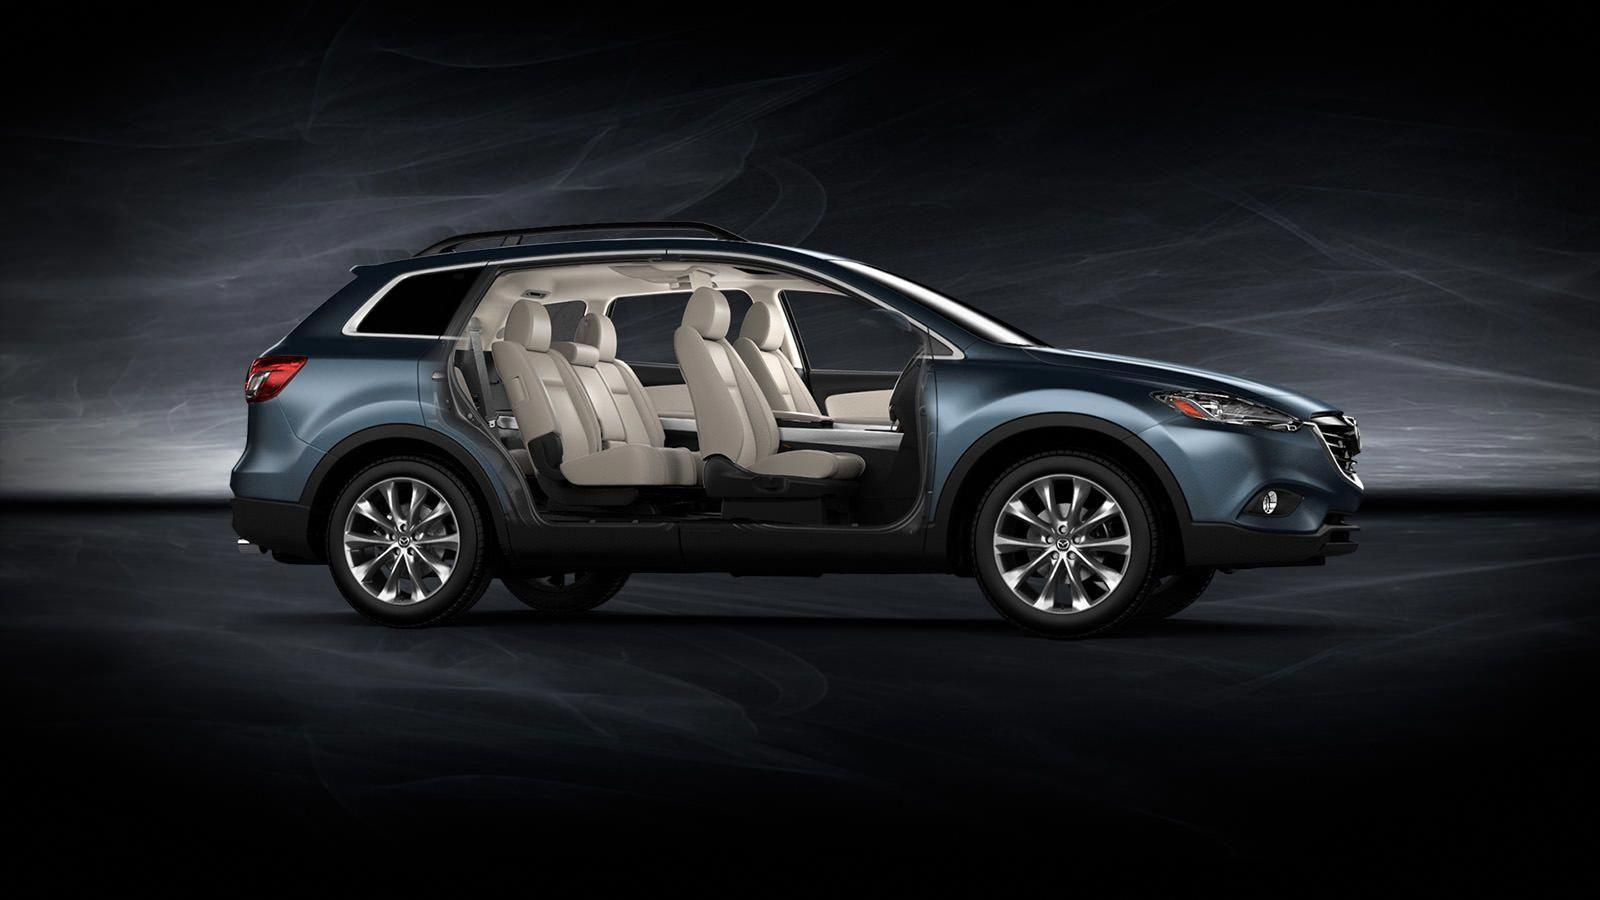 2014 Mazda Cx 9 7 Passenger Crossover Suv Mazda Usa In Blue Reflex With Sand Interior Affordableinteriordesignersatlanta Mazda Cx 9 Suv Crossover Suv